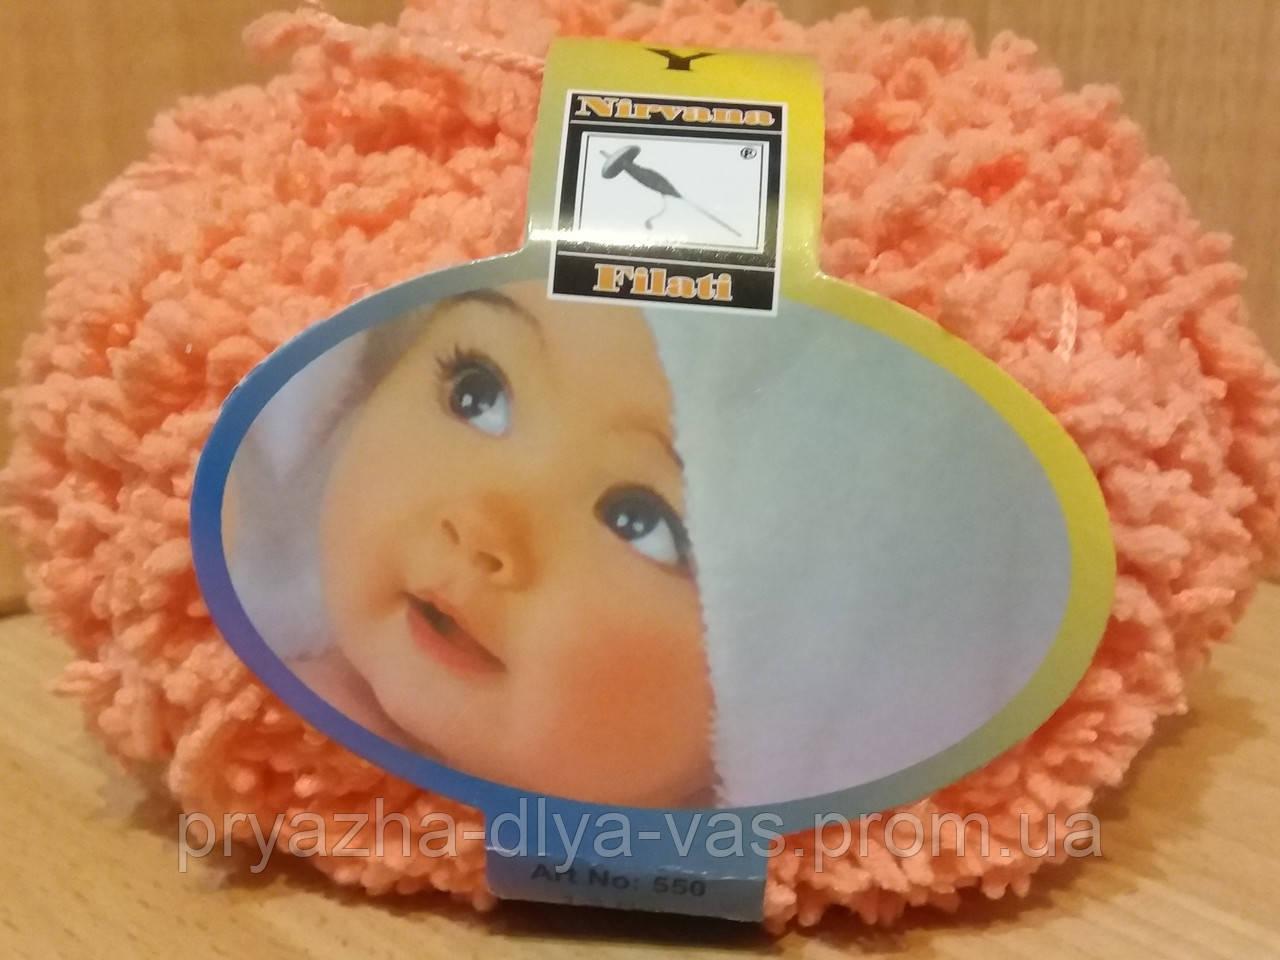 Детская махровая пряжа Filati Baby (100% микрополиэстер 50г/75м) Коралловый